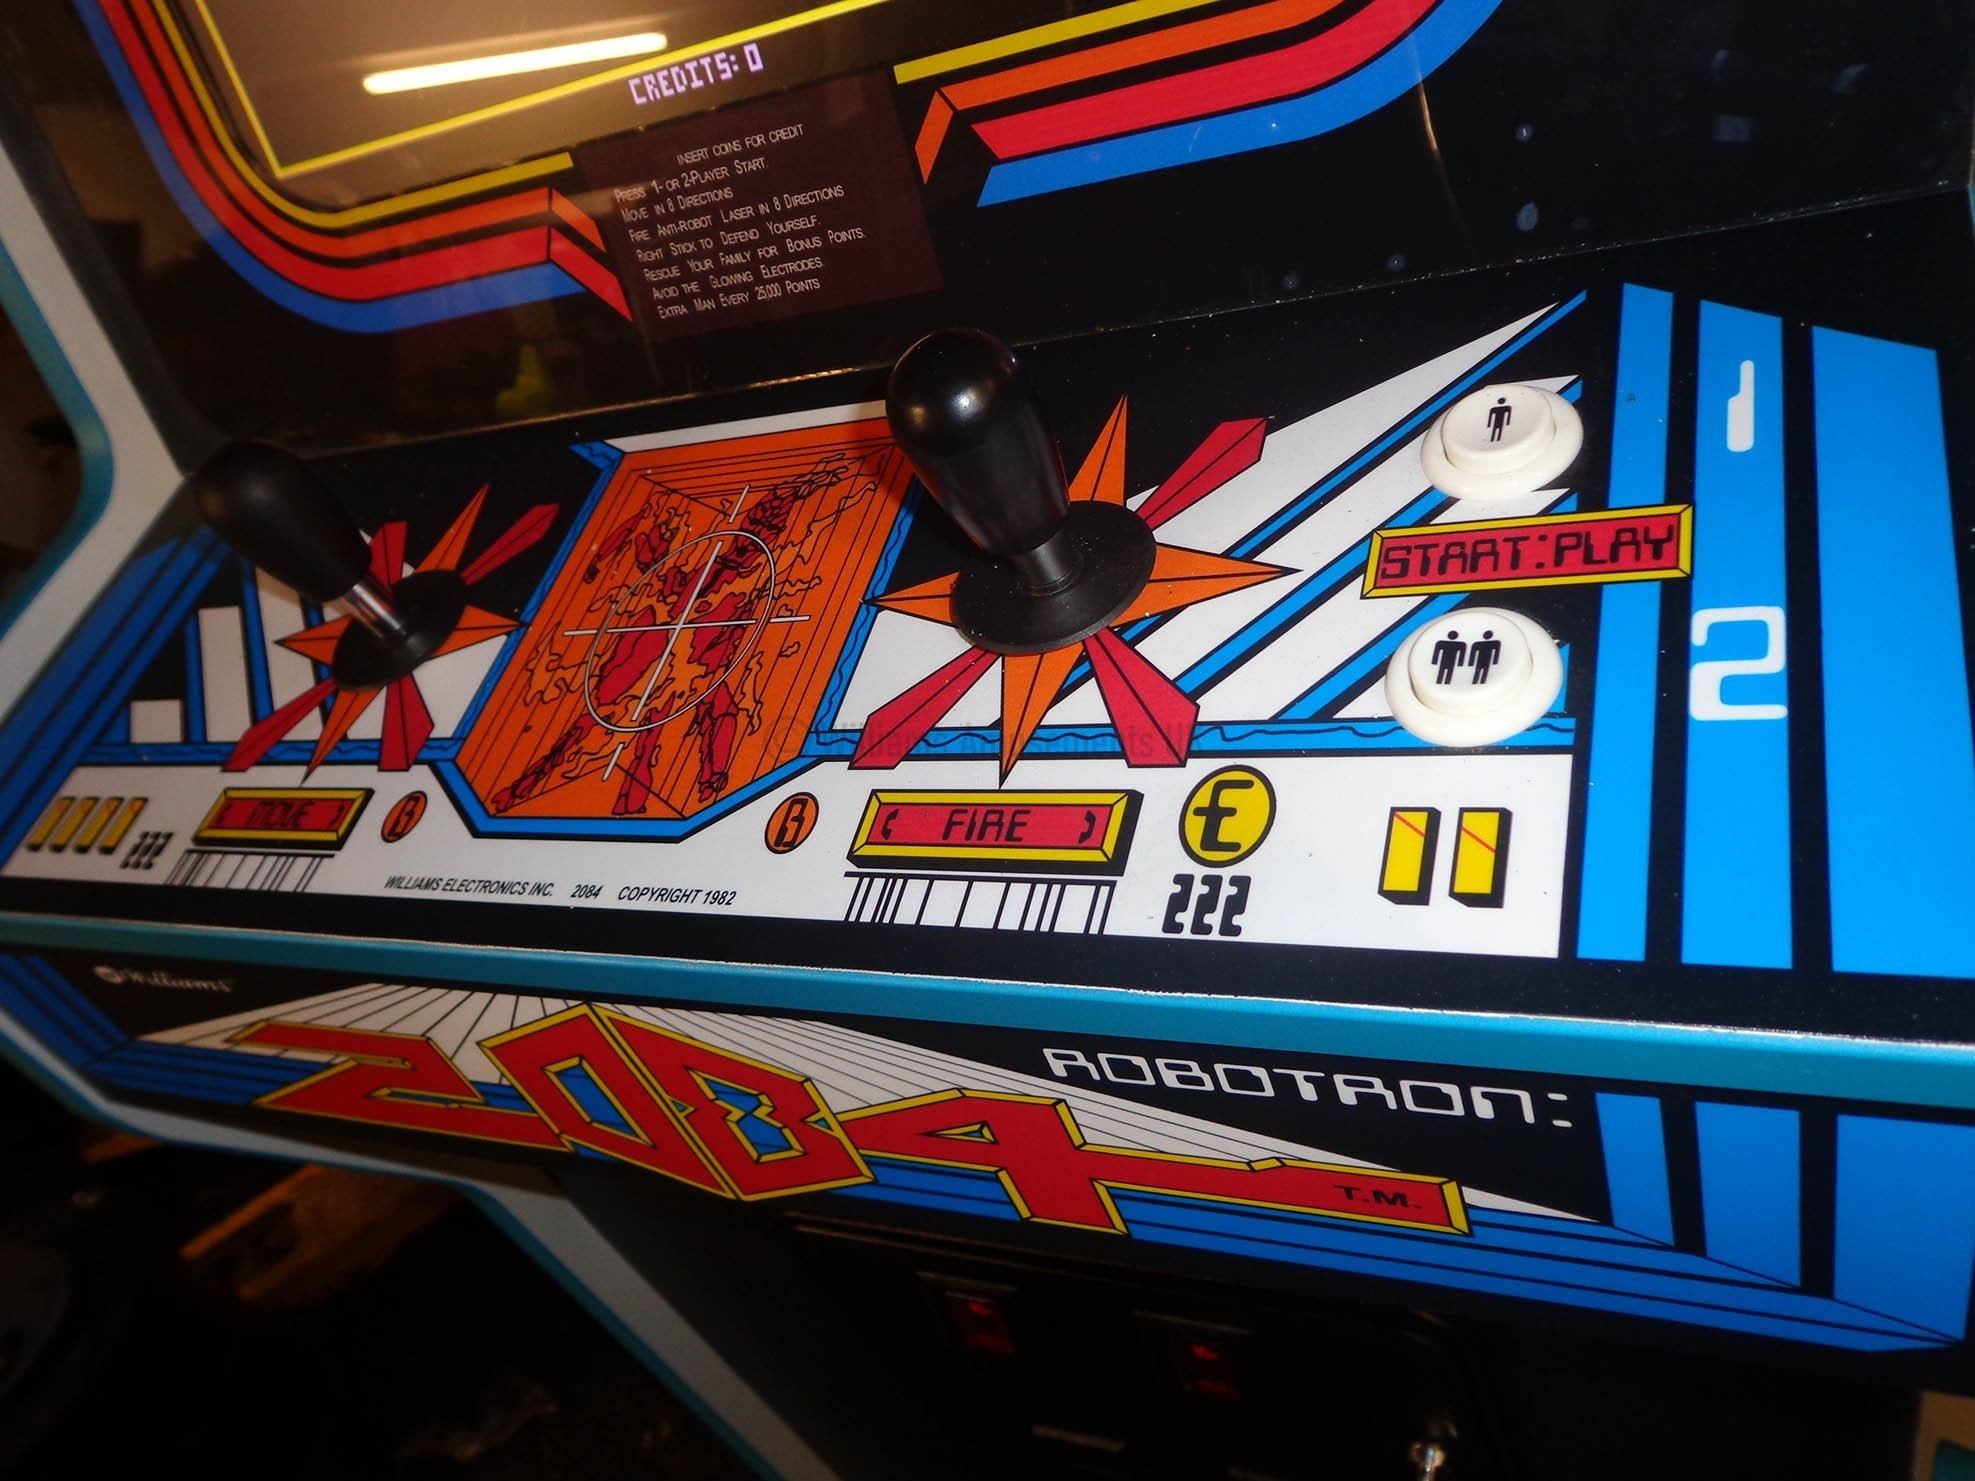 1942 Arcade Cabinet Williams Robotron Williams Amusements